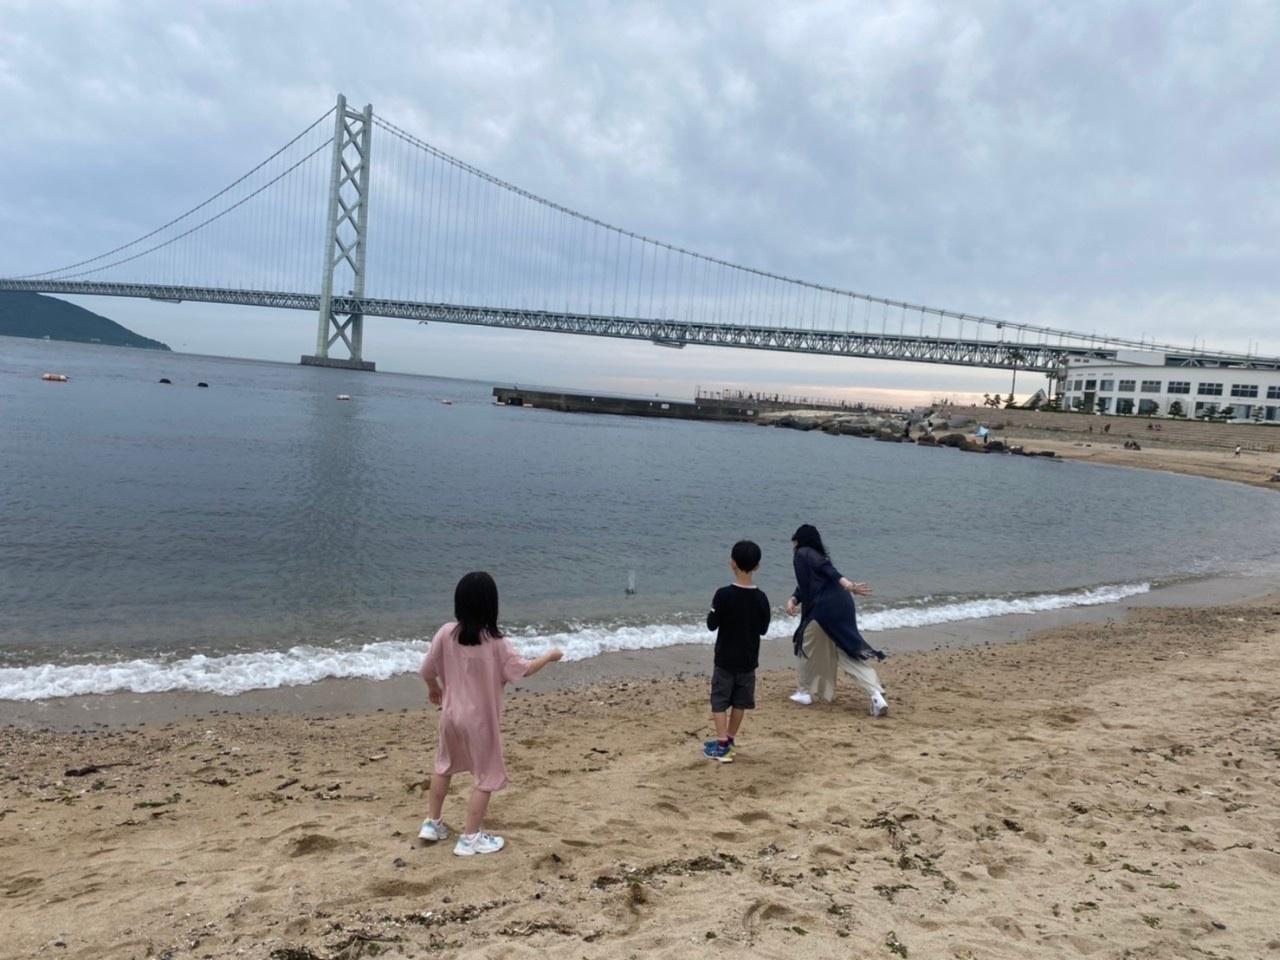 『青』に会いに仲間と 海へGo!_1_2-2